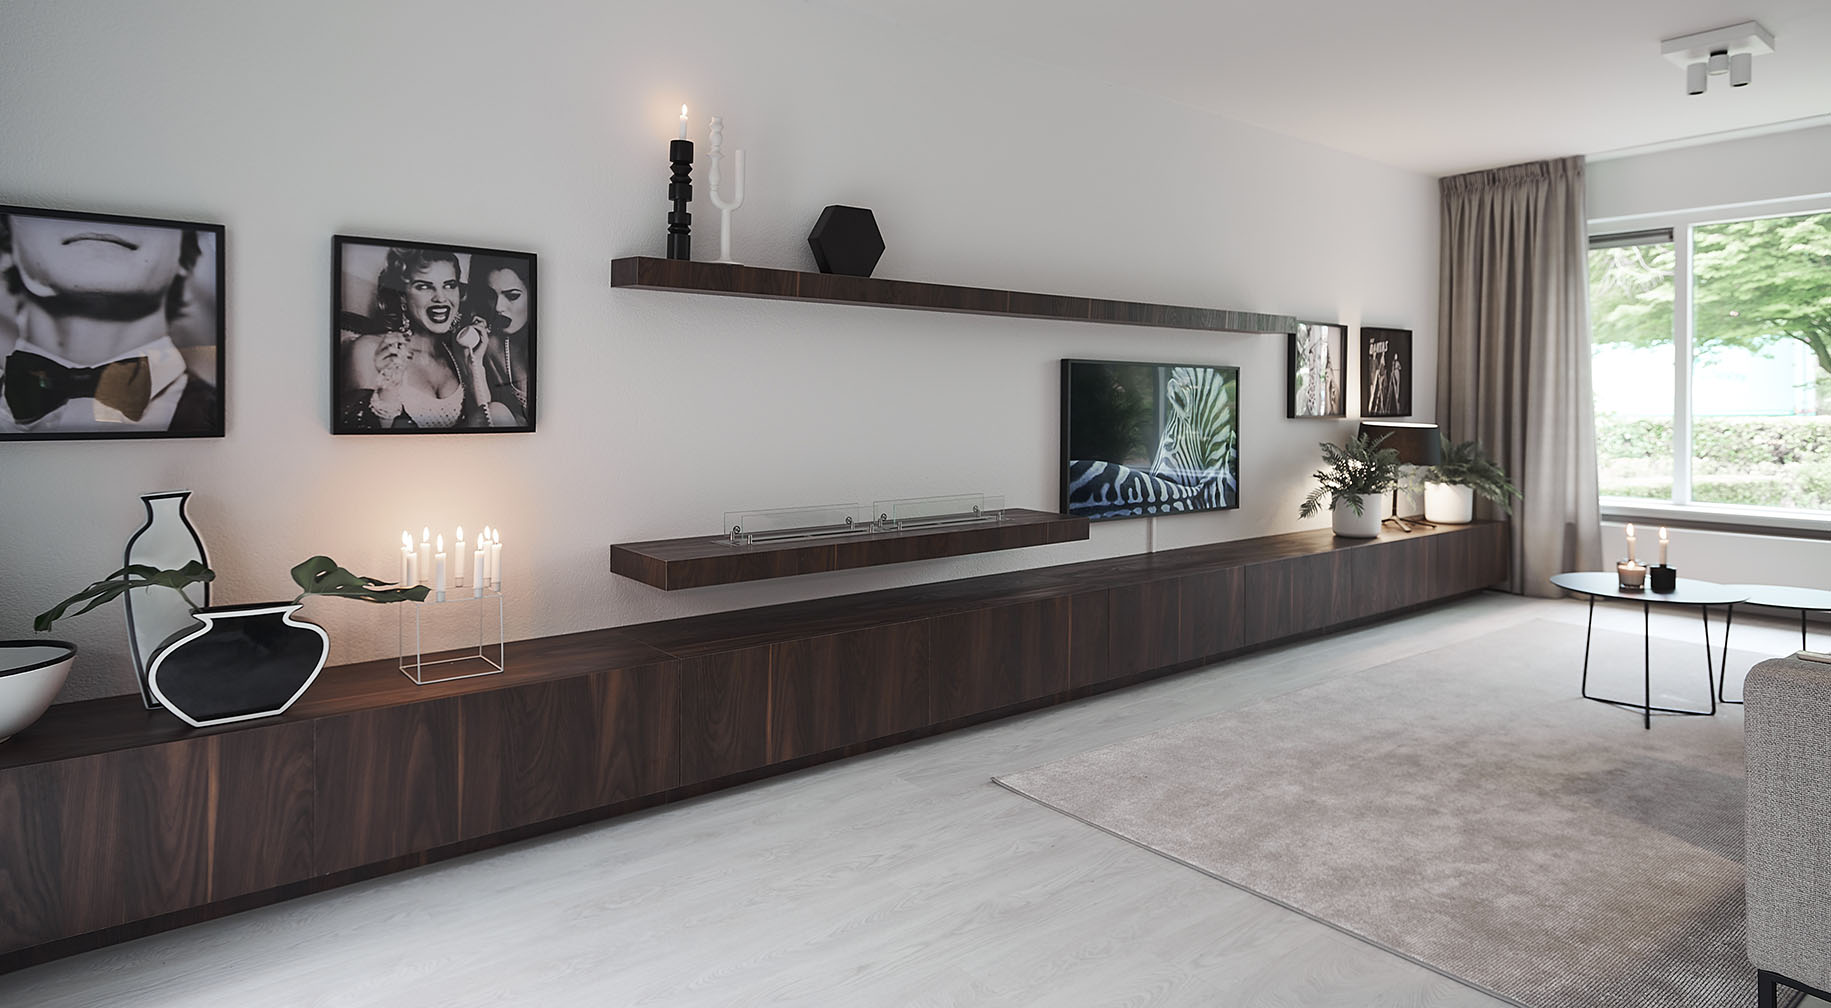 dressoir met bijpassende wandplanken